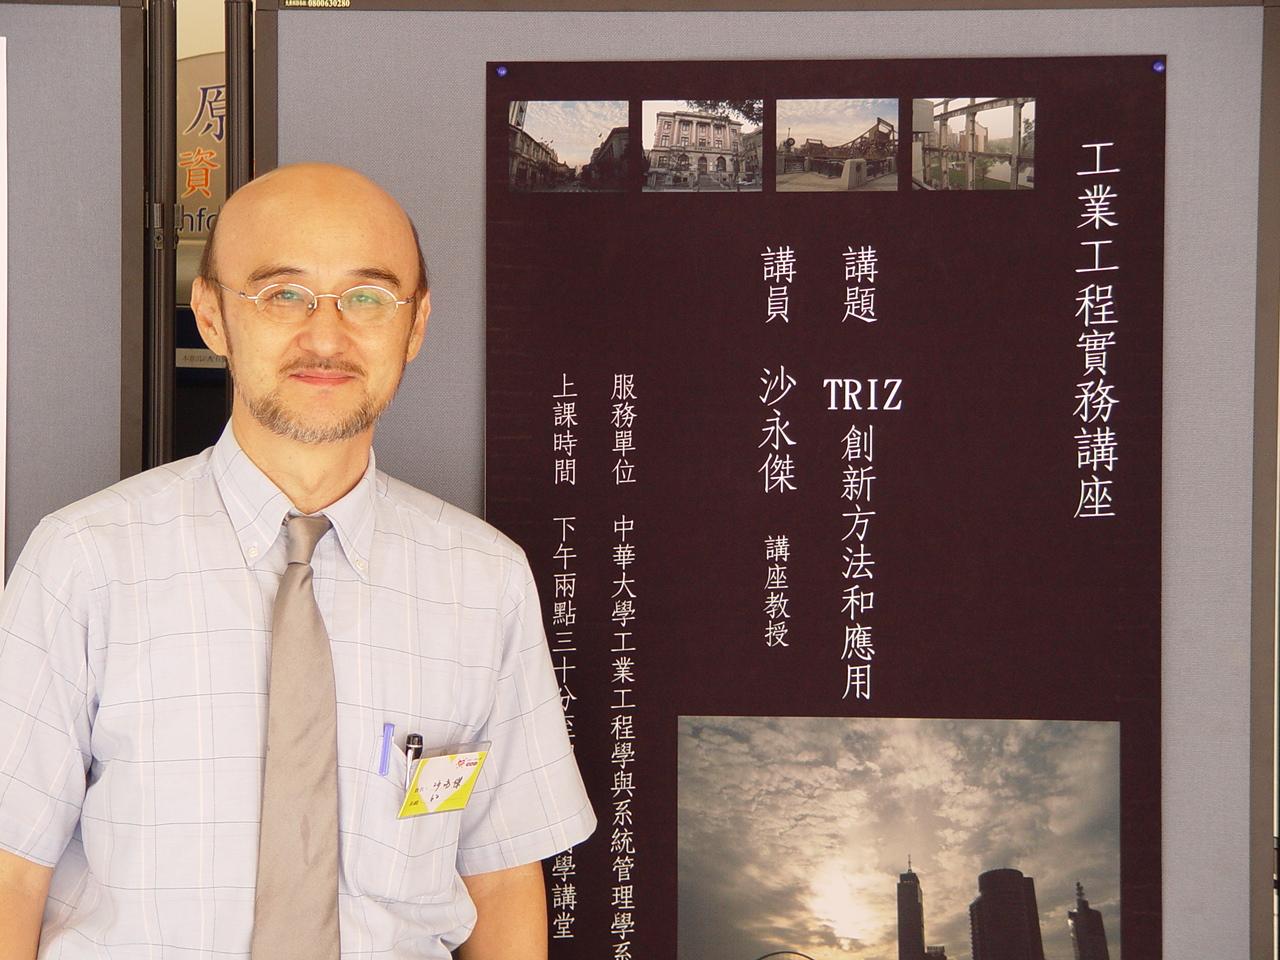 工業系沙永傑校友 榮獲第一屆國家創新科技獎